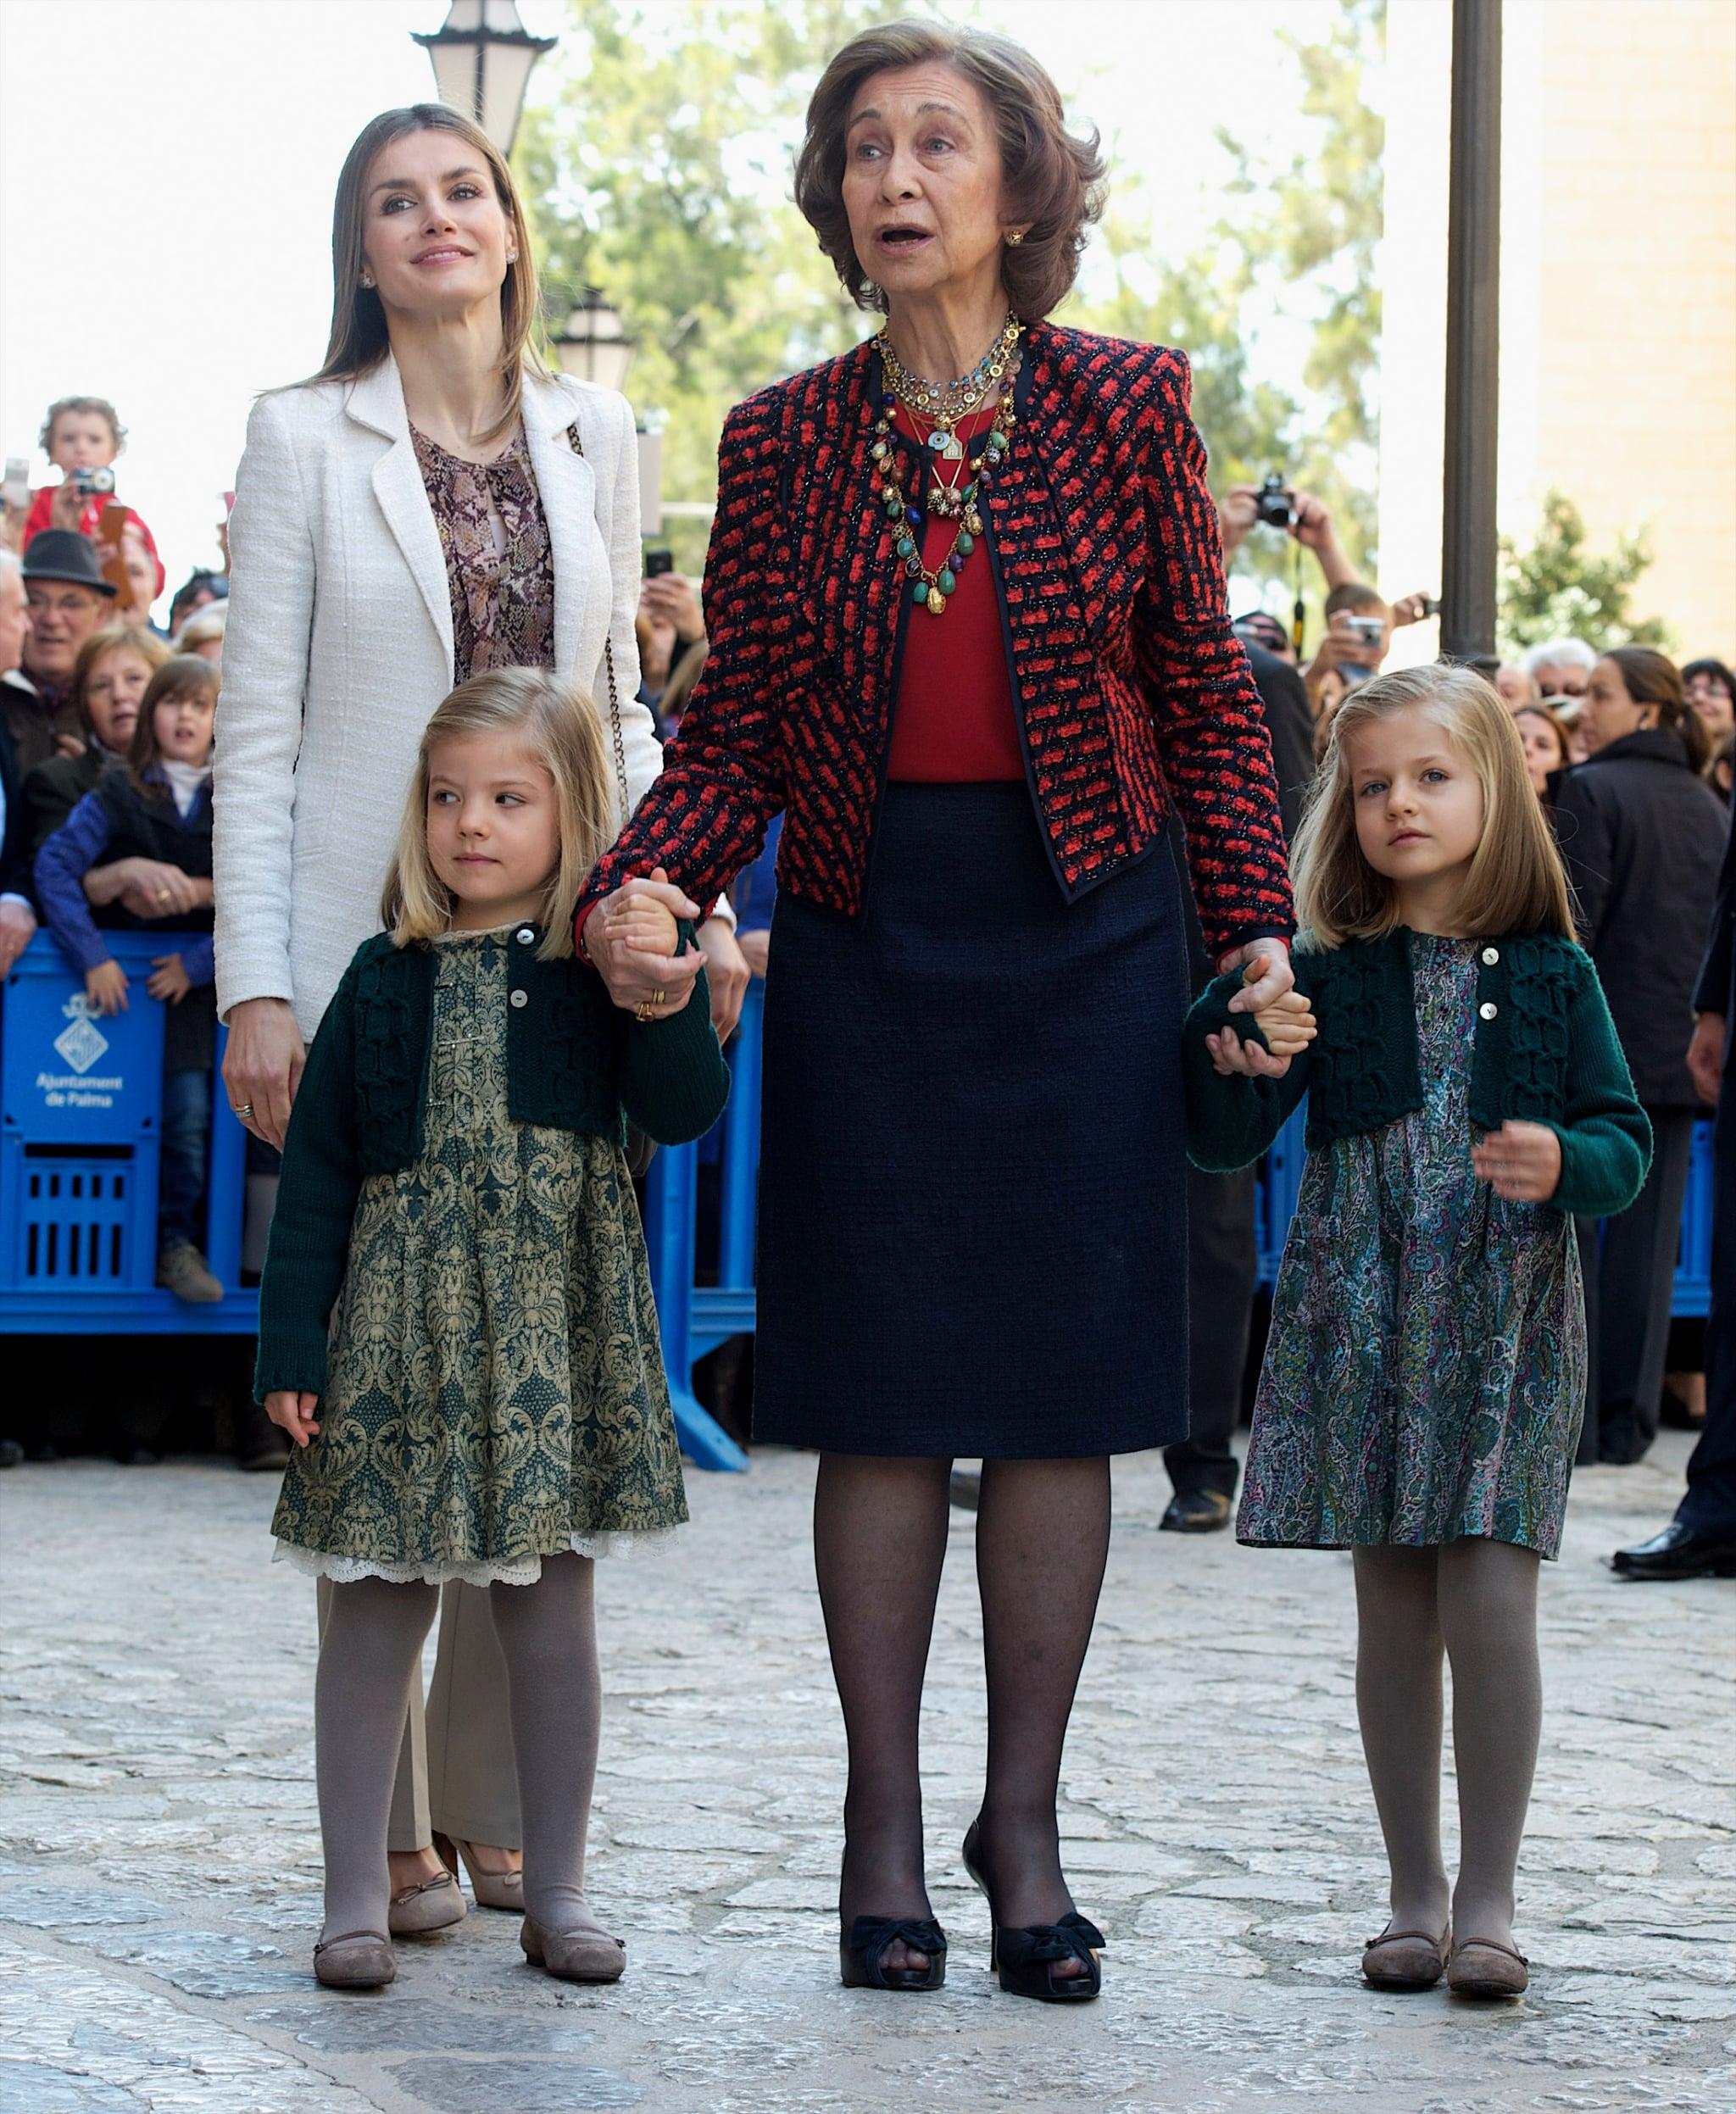 Tiểu công chúa Leonor và Sofia mặc đầm in hoa tối màu